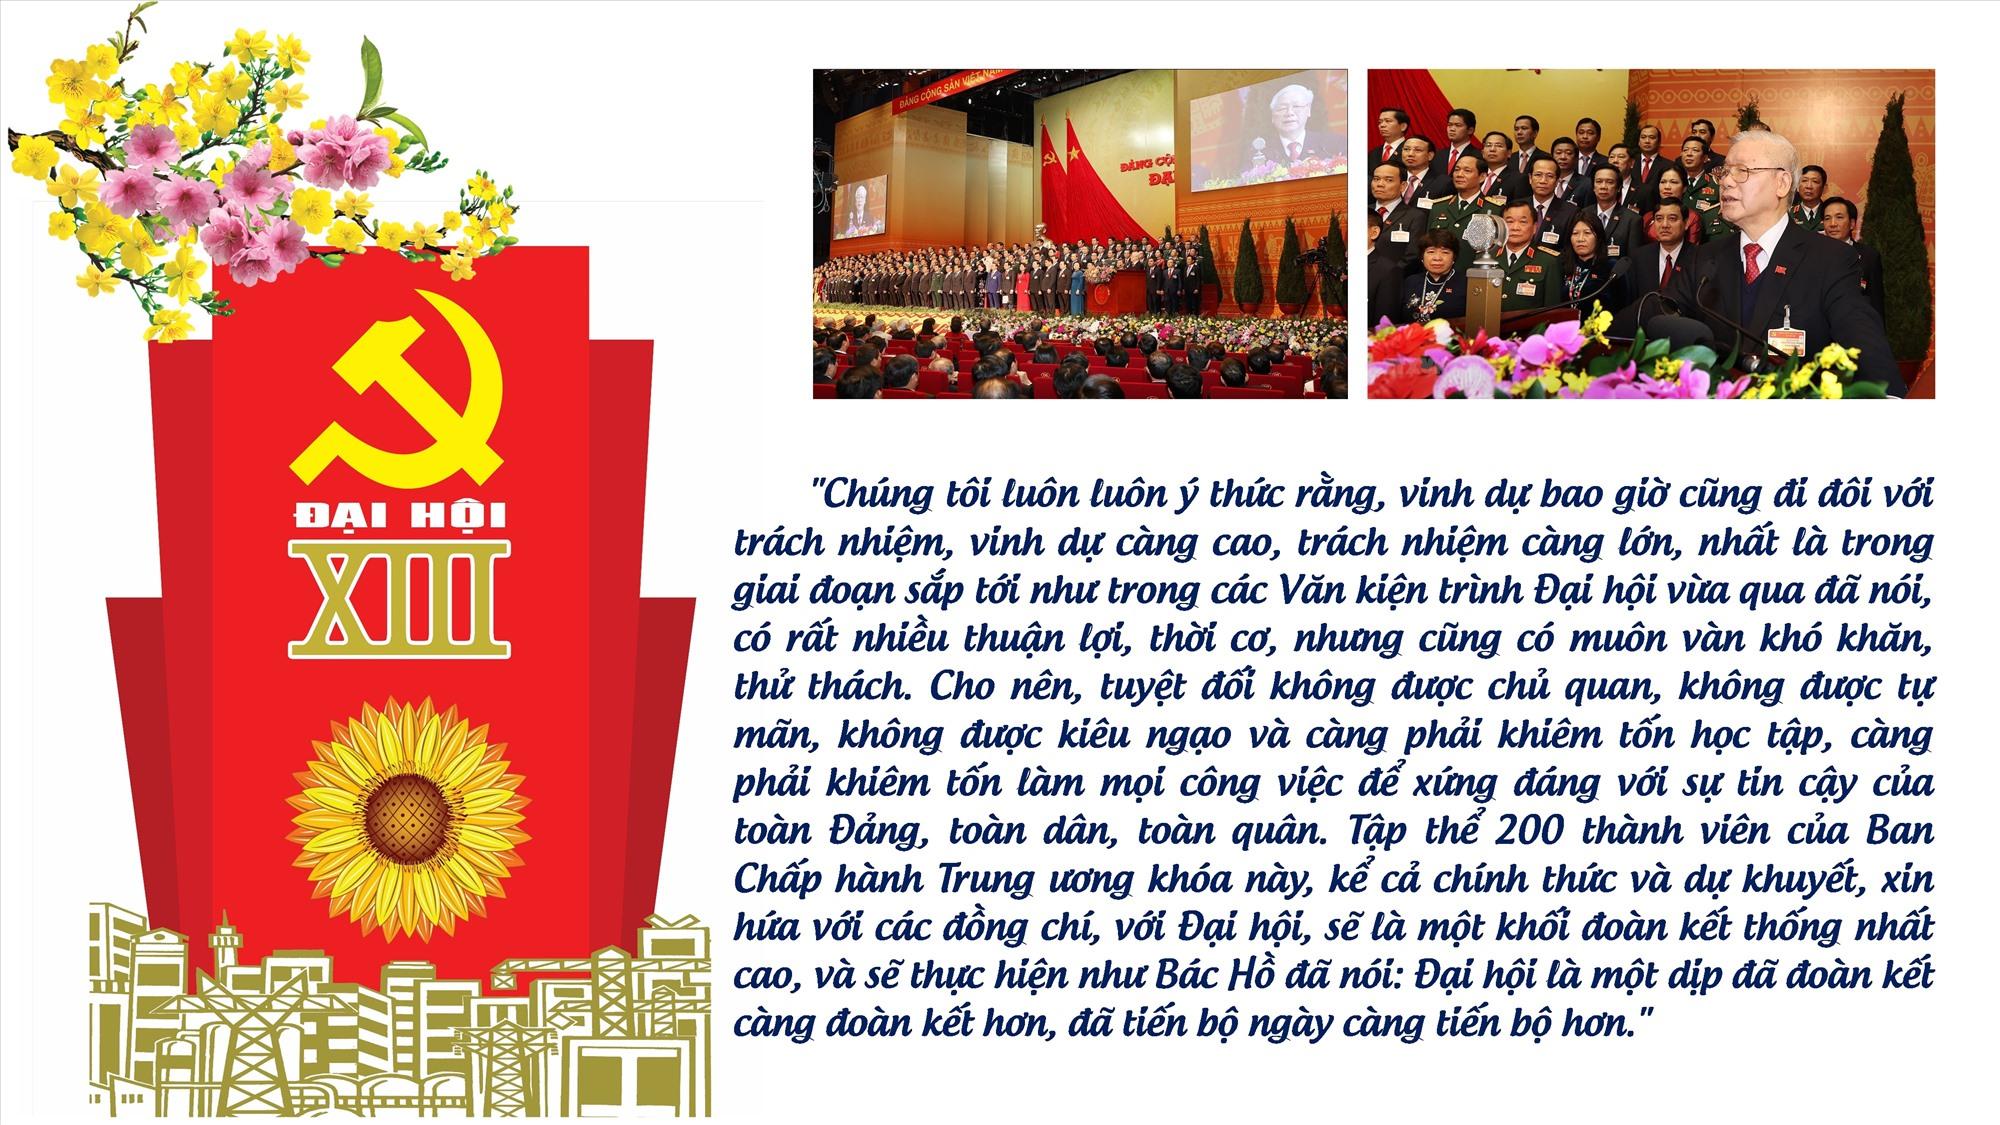 Thay mặt Ban Chấp hành Trung ương Đảng khóa XIII, Tổng Bí thư, Chủ tịch nước Nguyễn Phú Trọng phát biểu ra mắt Đại hội